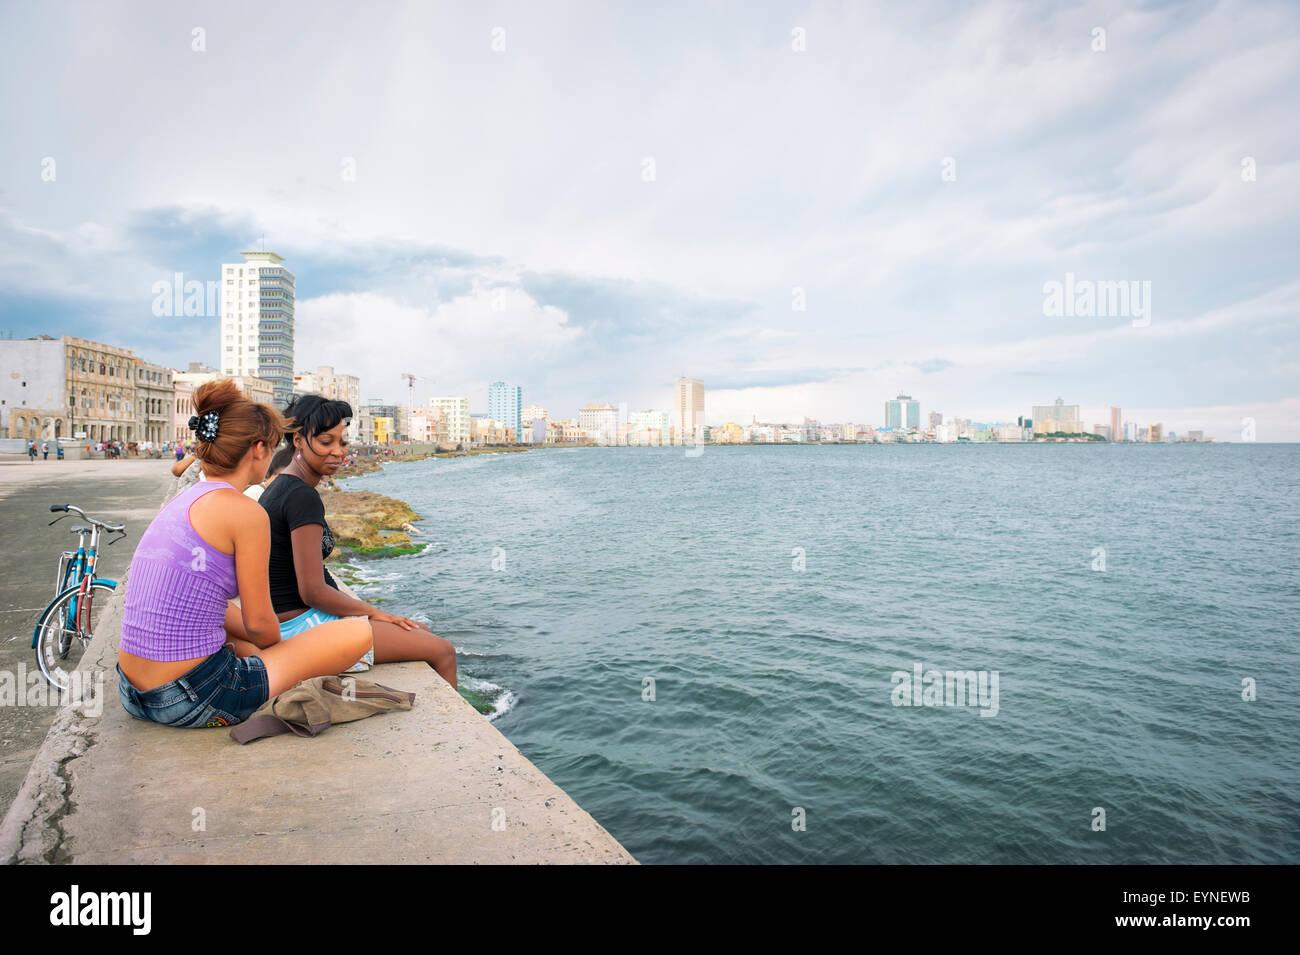 Havanna, Kuba - Mai 2011: Kubaner entspannen Sie an der Wand des Malecon, ein beliebter Ort für Geselligkeit, Stockbild